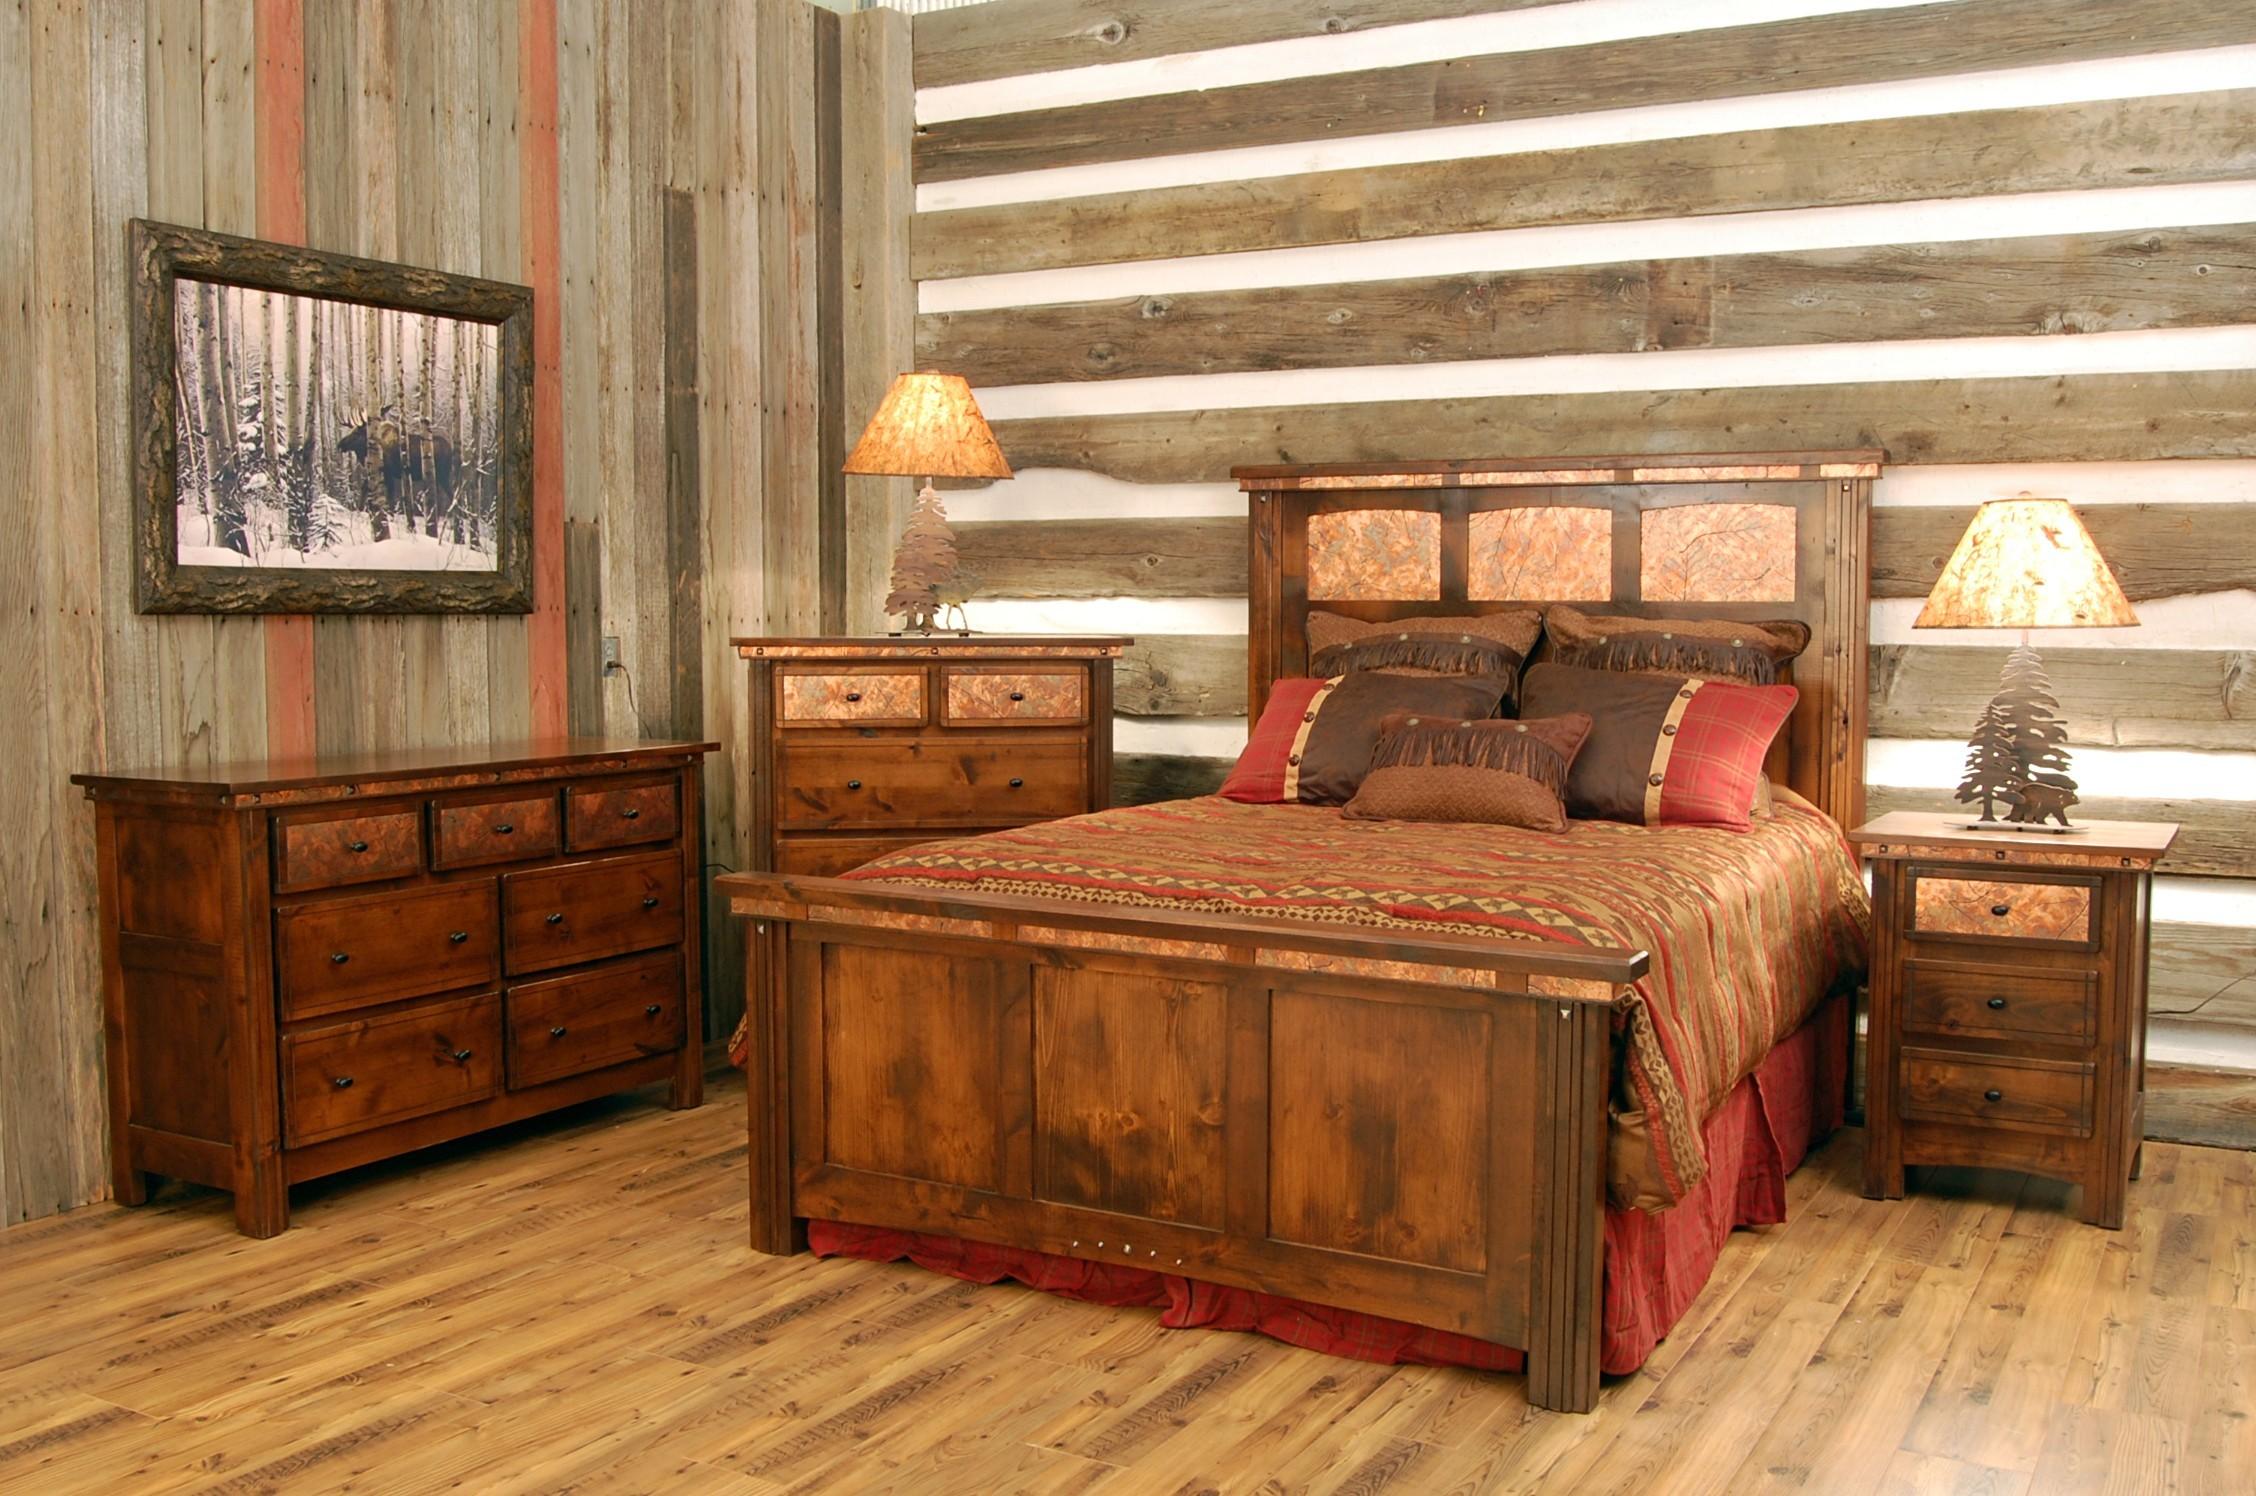 мебель своими руками фото легко и красиво есть еще некоторые